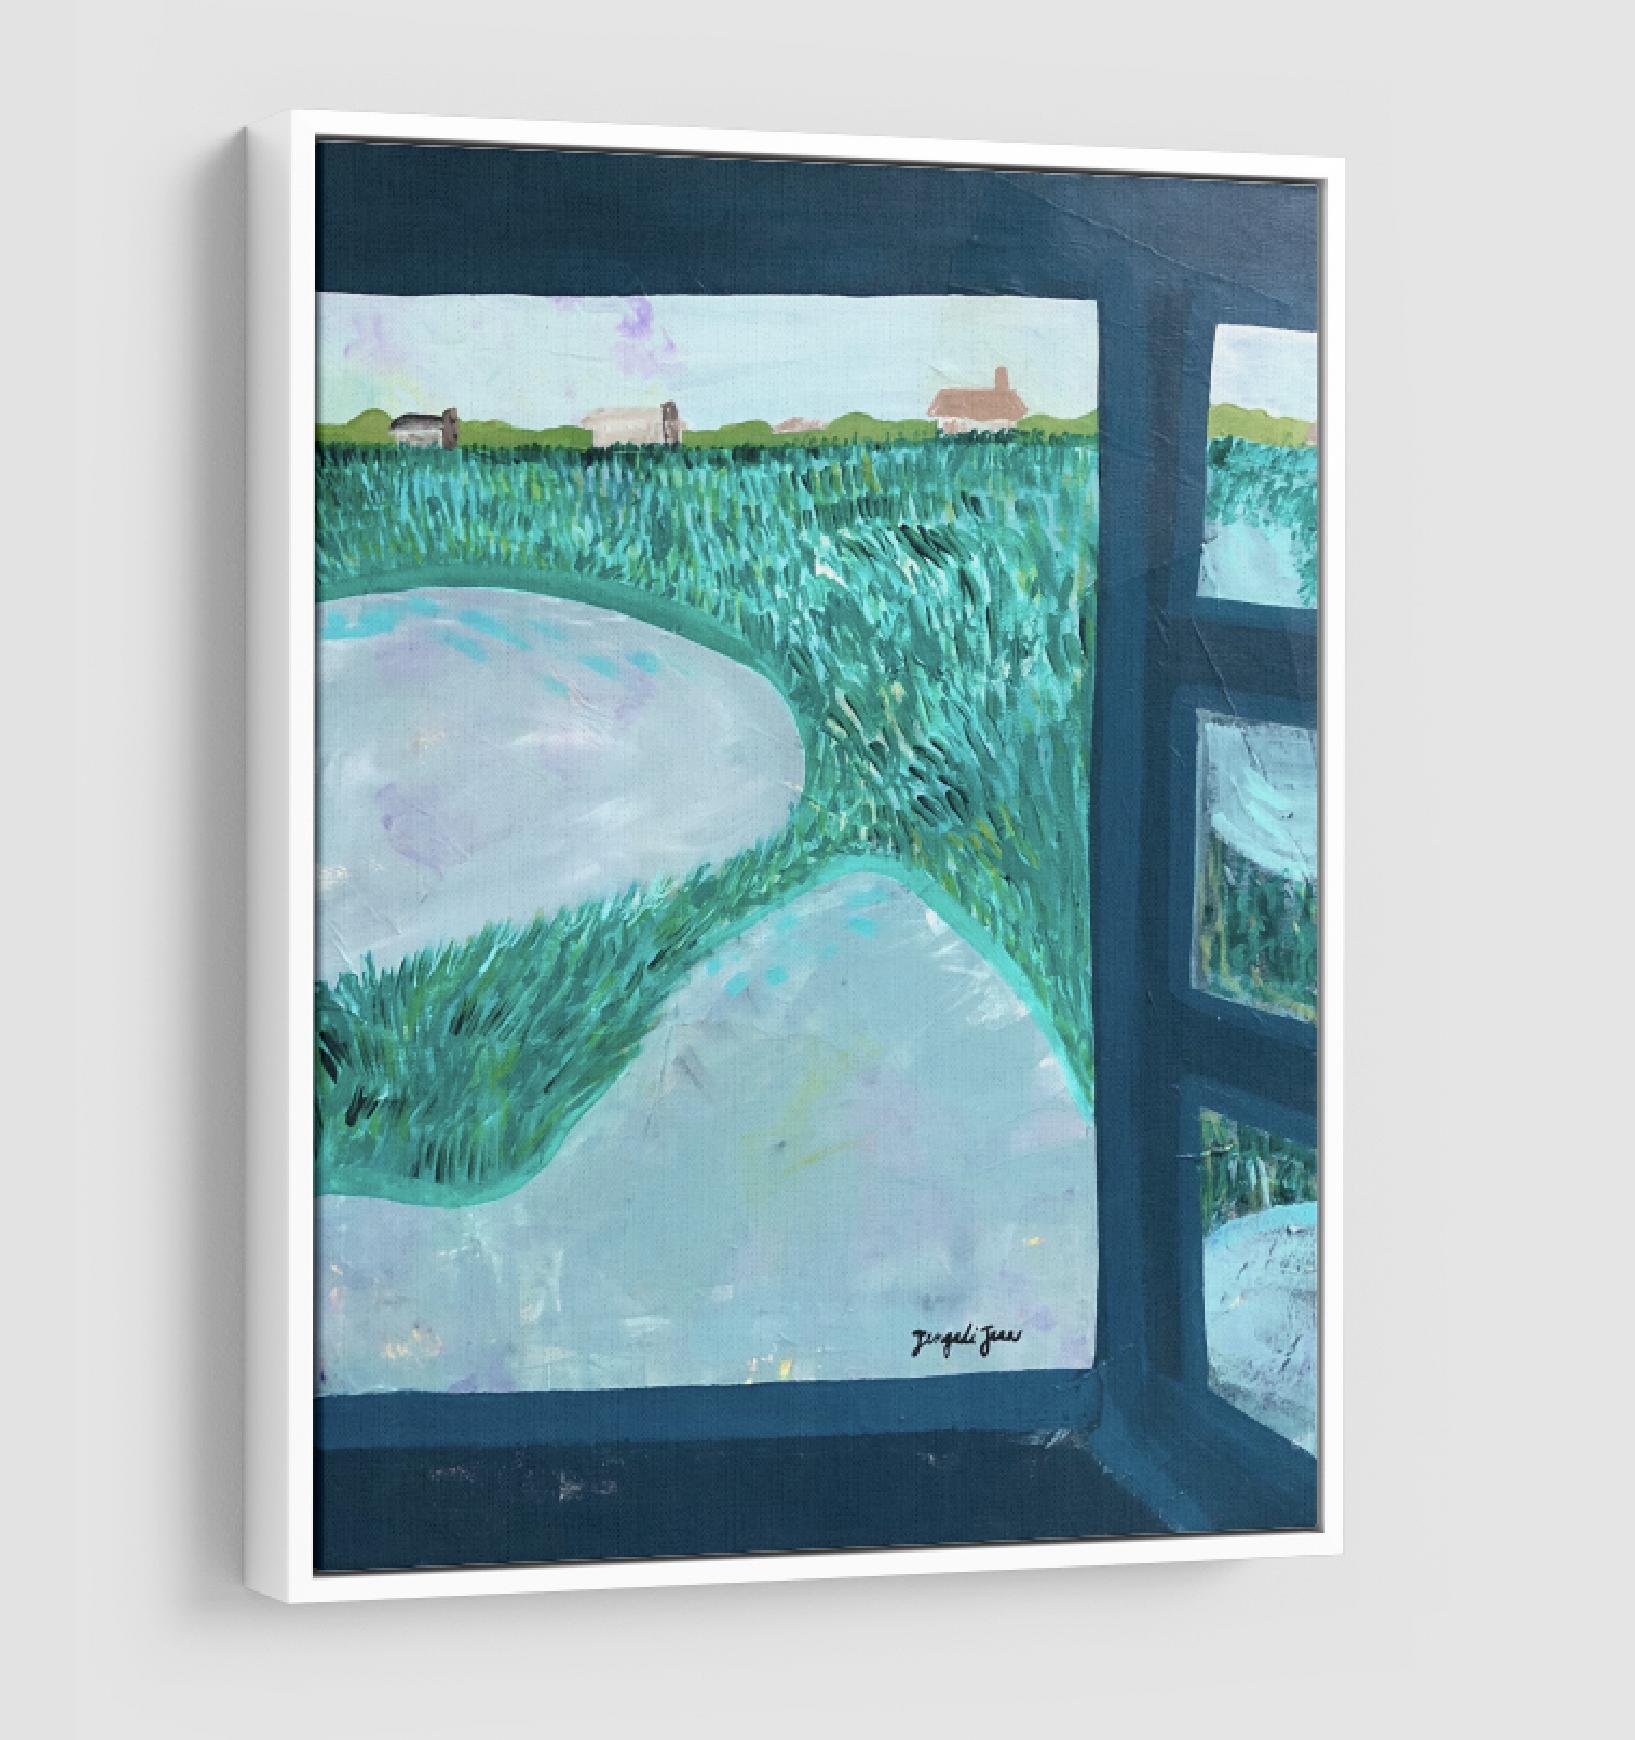 Lucinda Gray's Beach (24 x 30) 00114